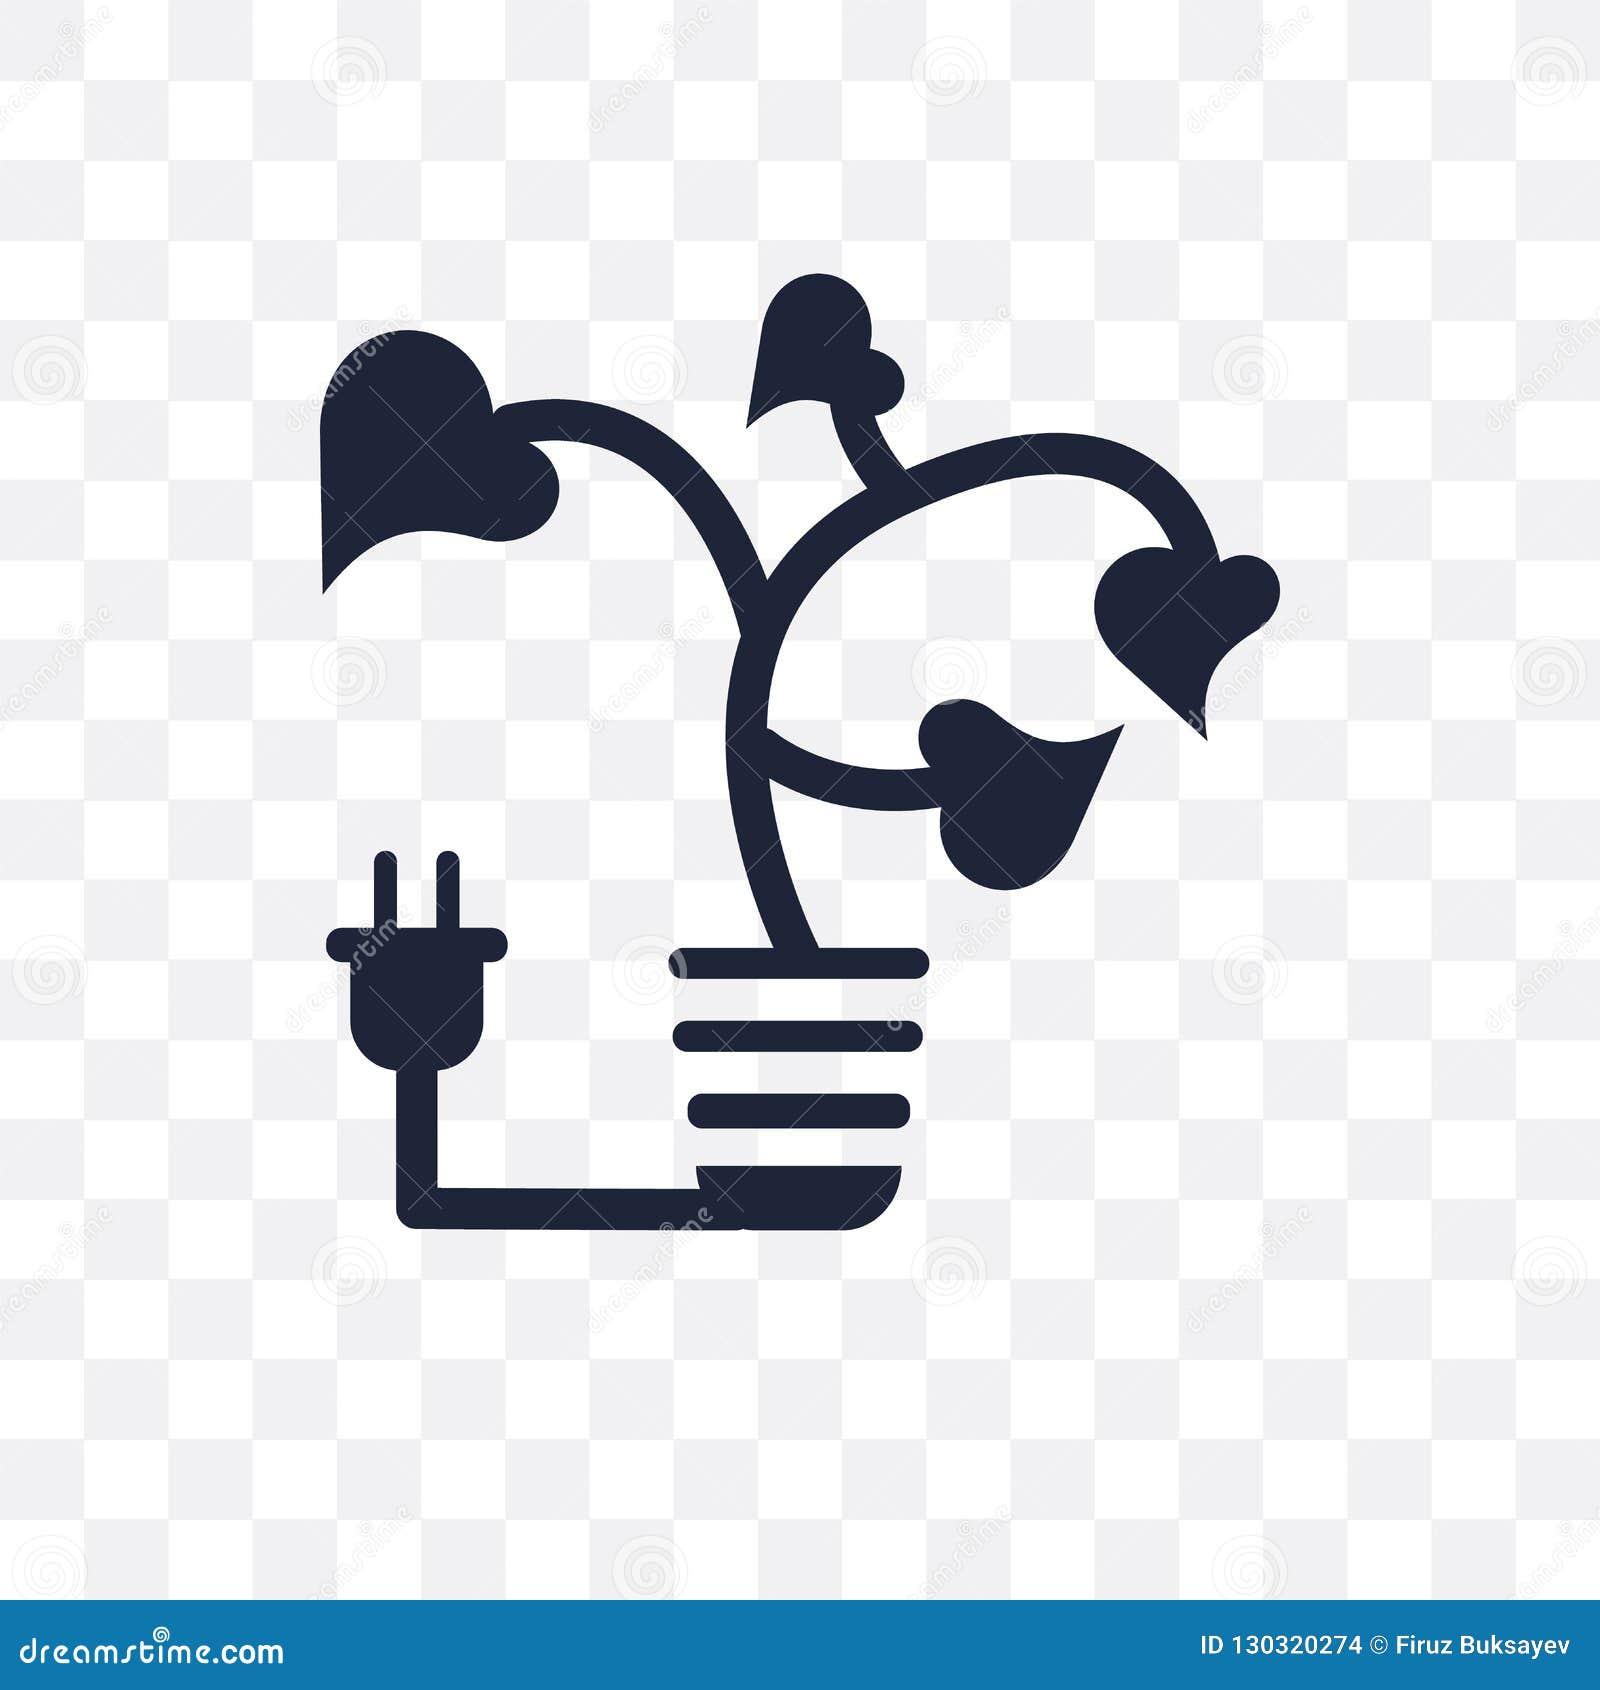 Ελαφρύ διαφανές εικονίδιο Eco Ελαφρύ σχέδιο συμβόλων Eco από την οικολογία